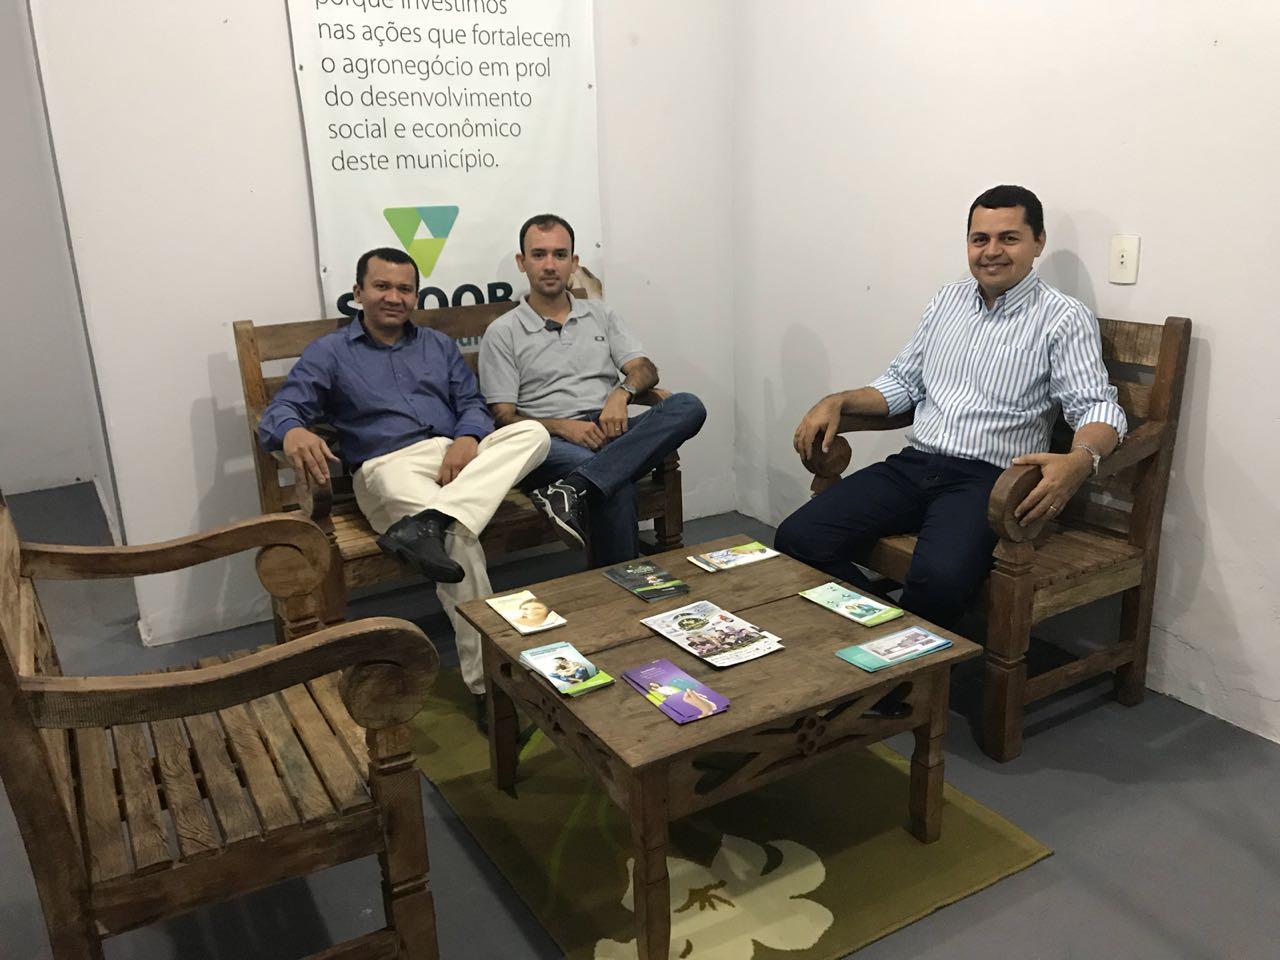 Gilberto Moraes visita estande do Sicoob Credipar na 50ª Expoara em Araguaína (TO)